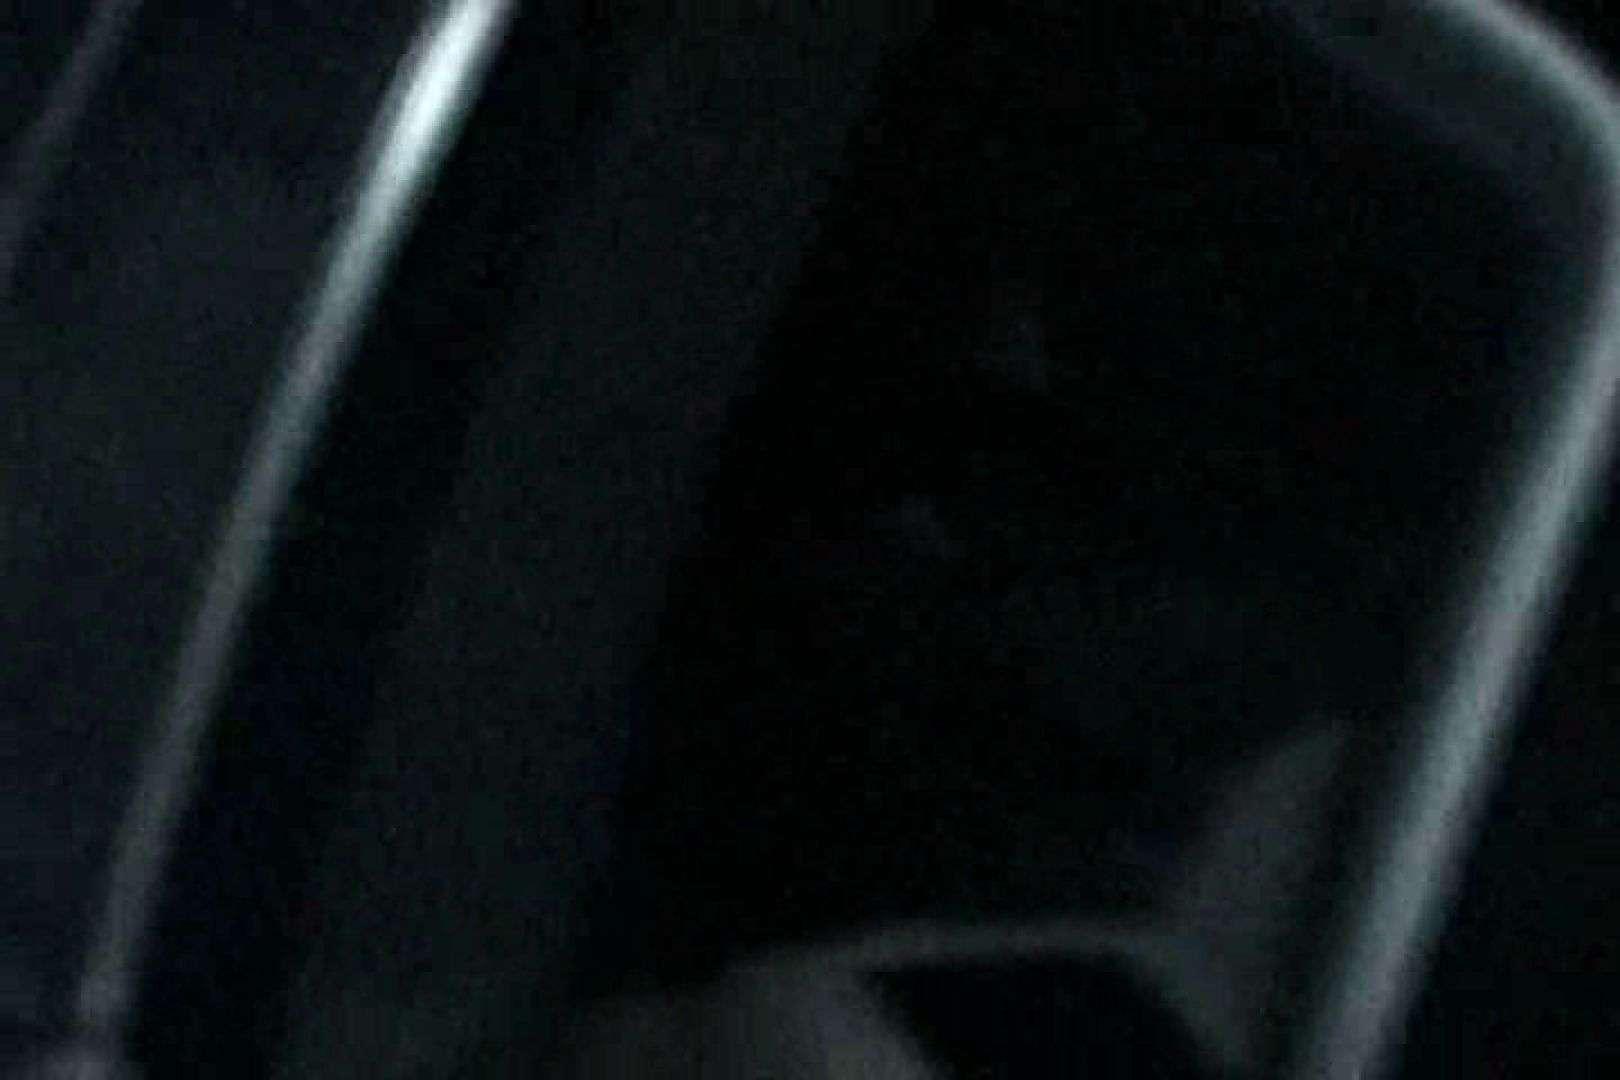 充血監督の深夜の運動会Vol.136 OLセックス 盗撮オマンコ無修正動画無料 100画像 35